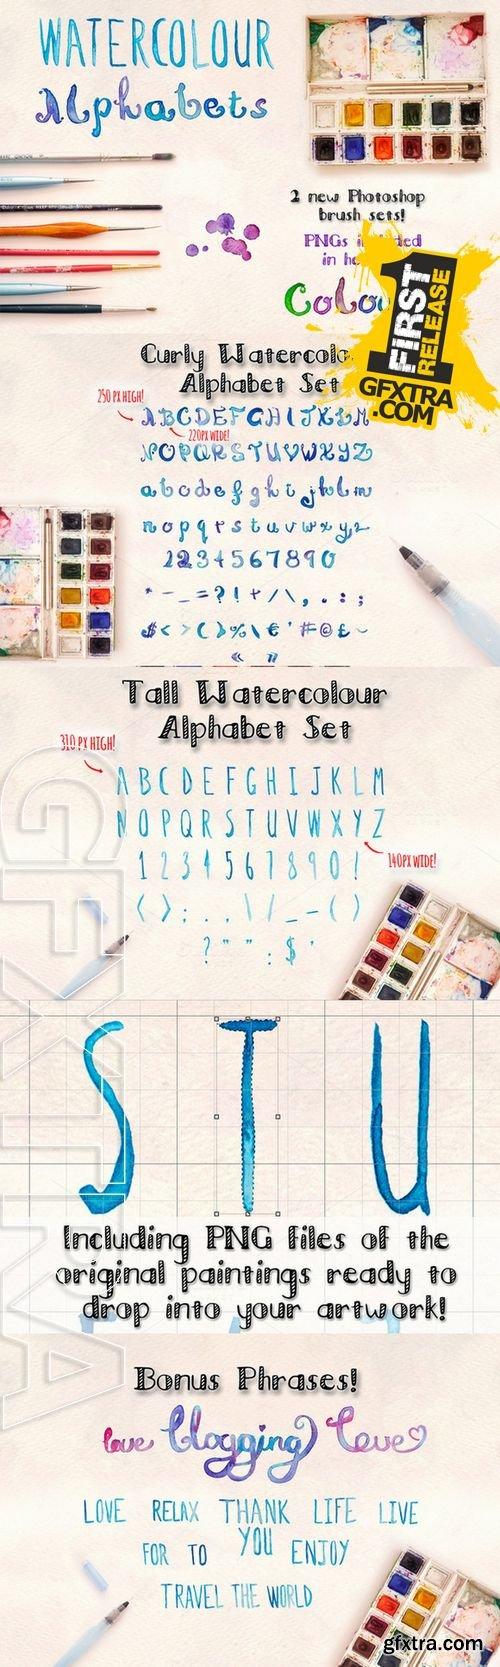 2 Watercolour Alphabet Brush Sets - CM 193392